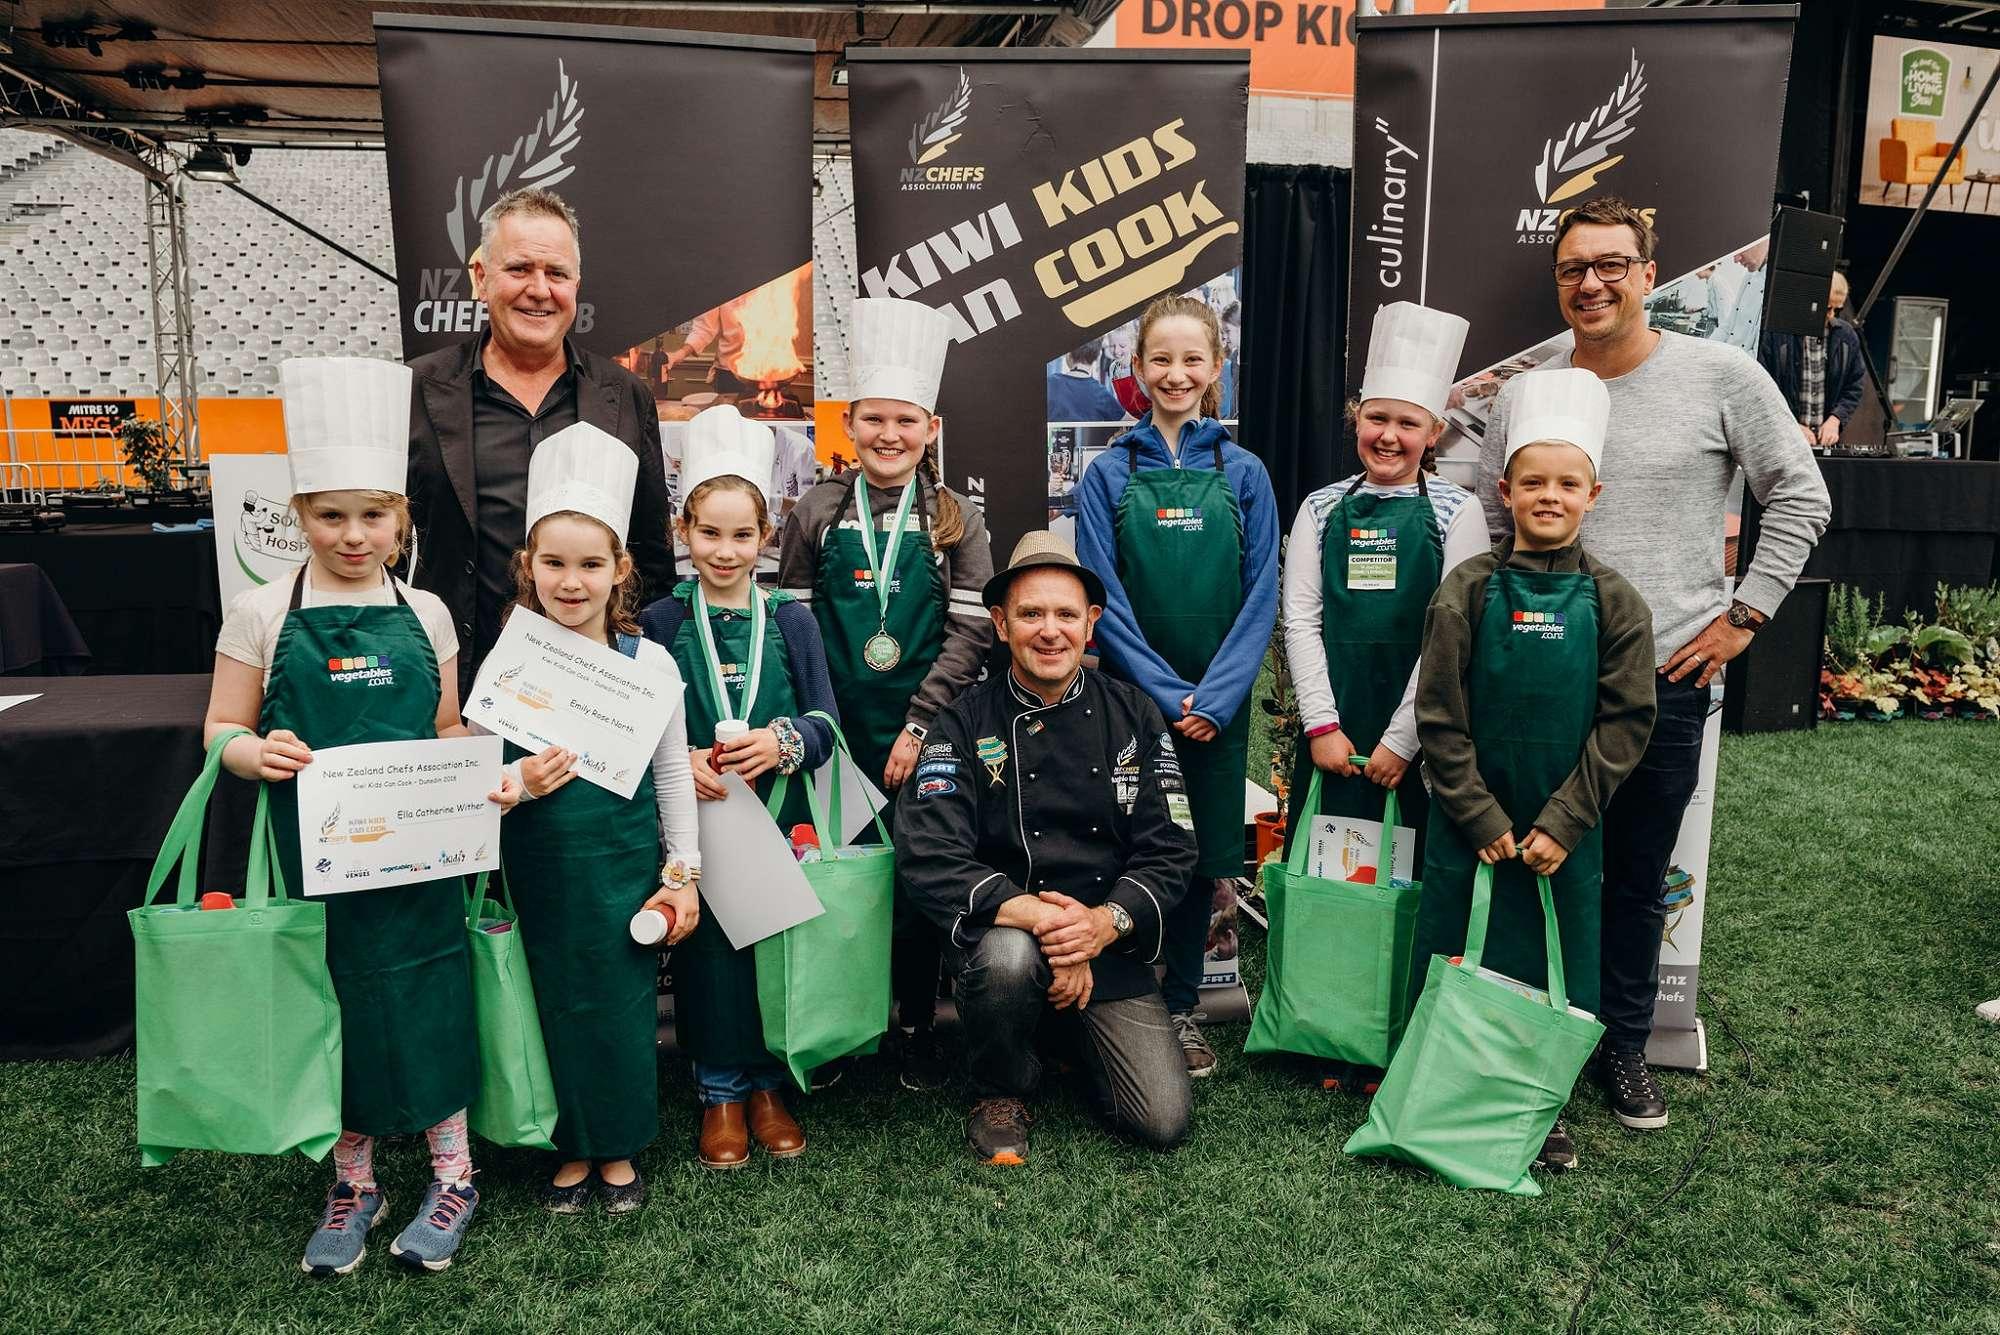 Kiwi Kids Can Cook